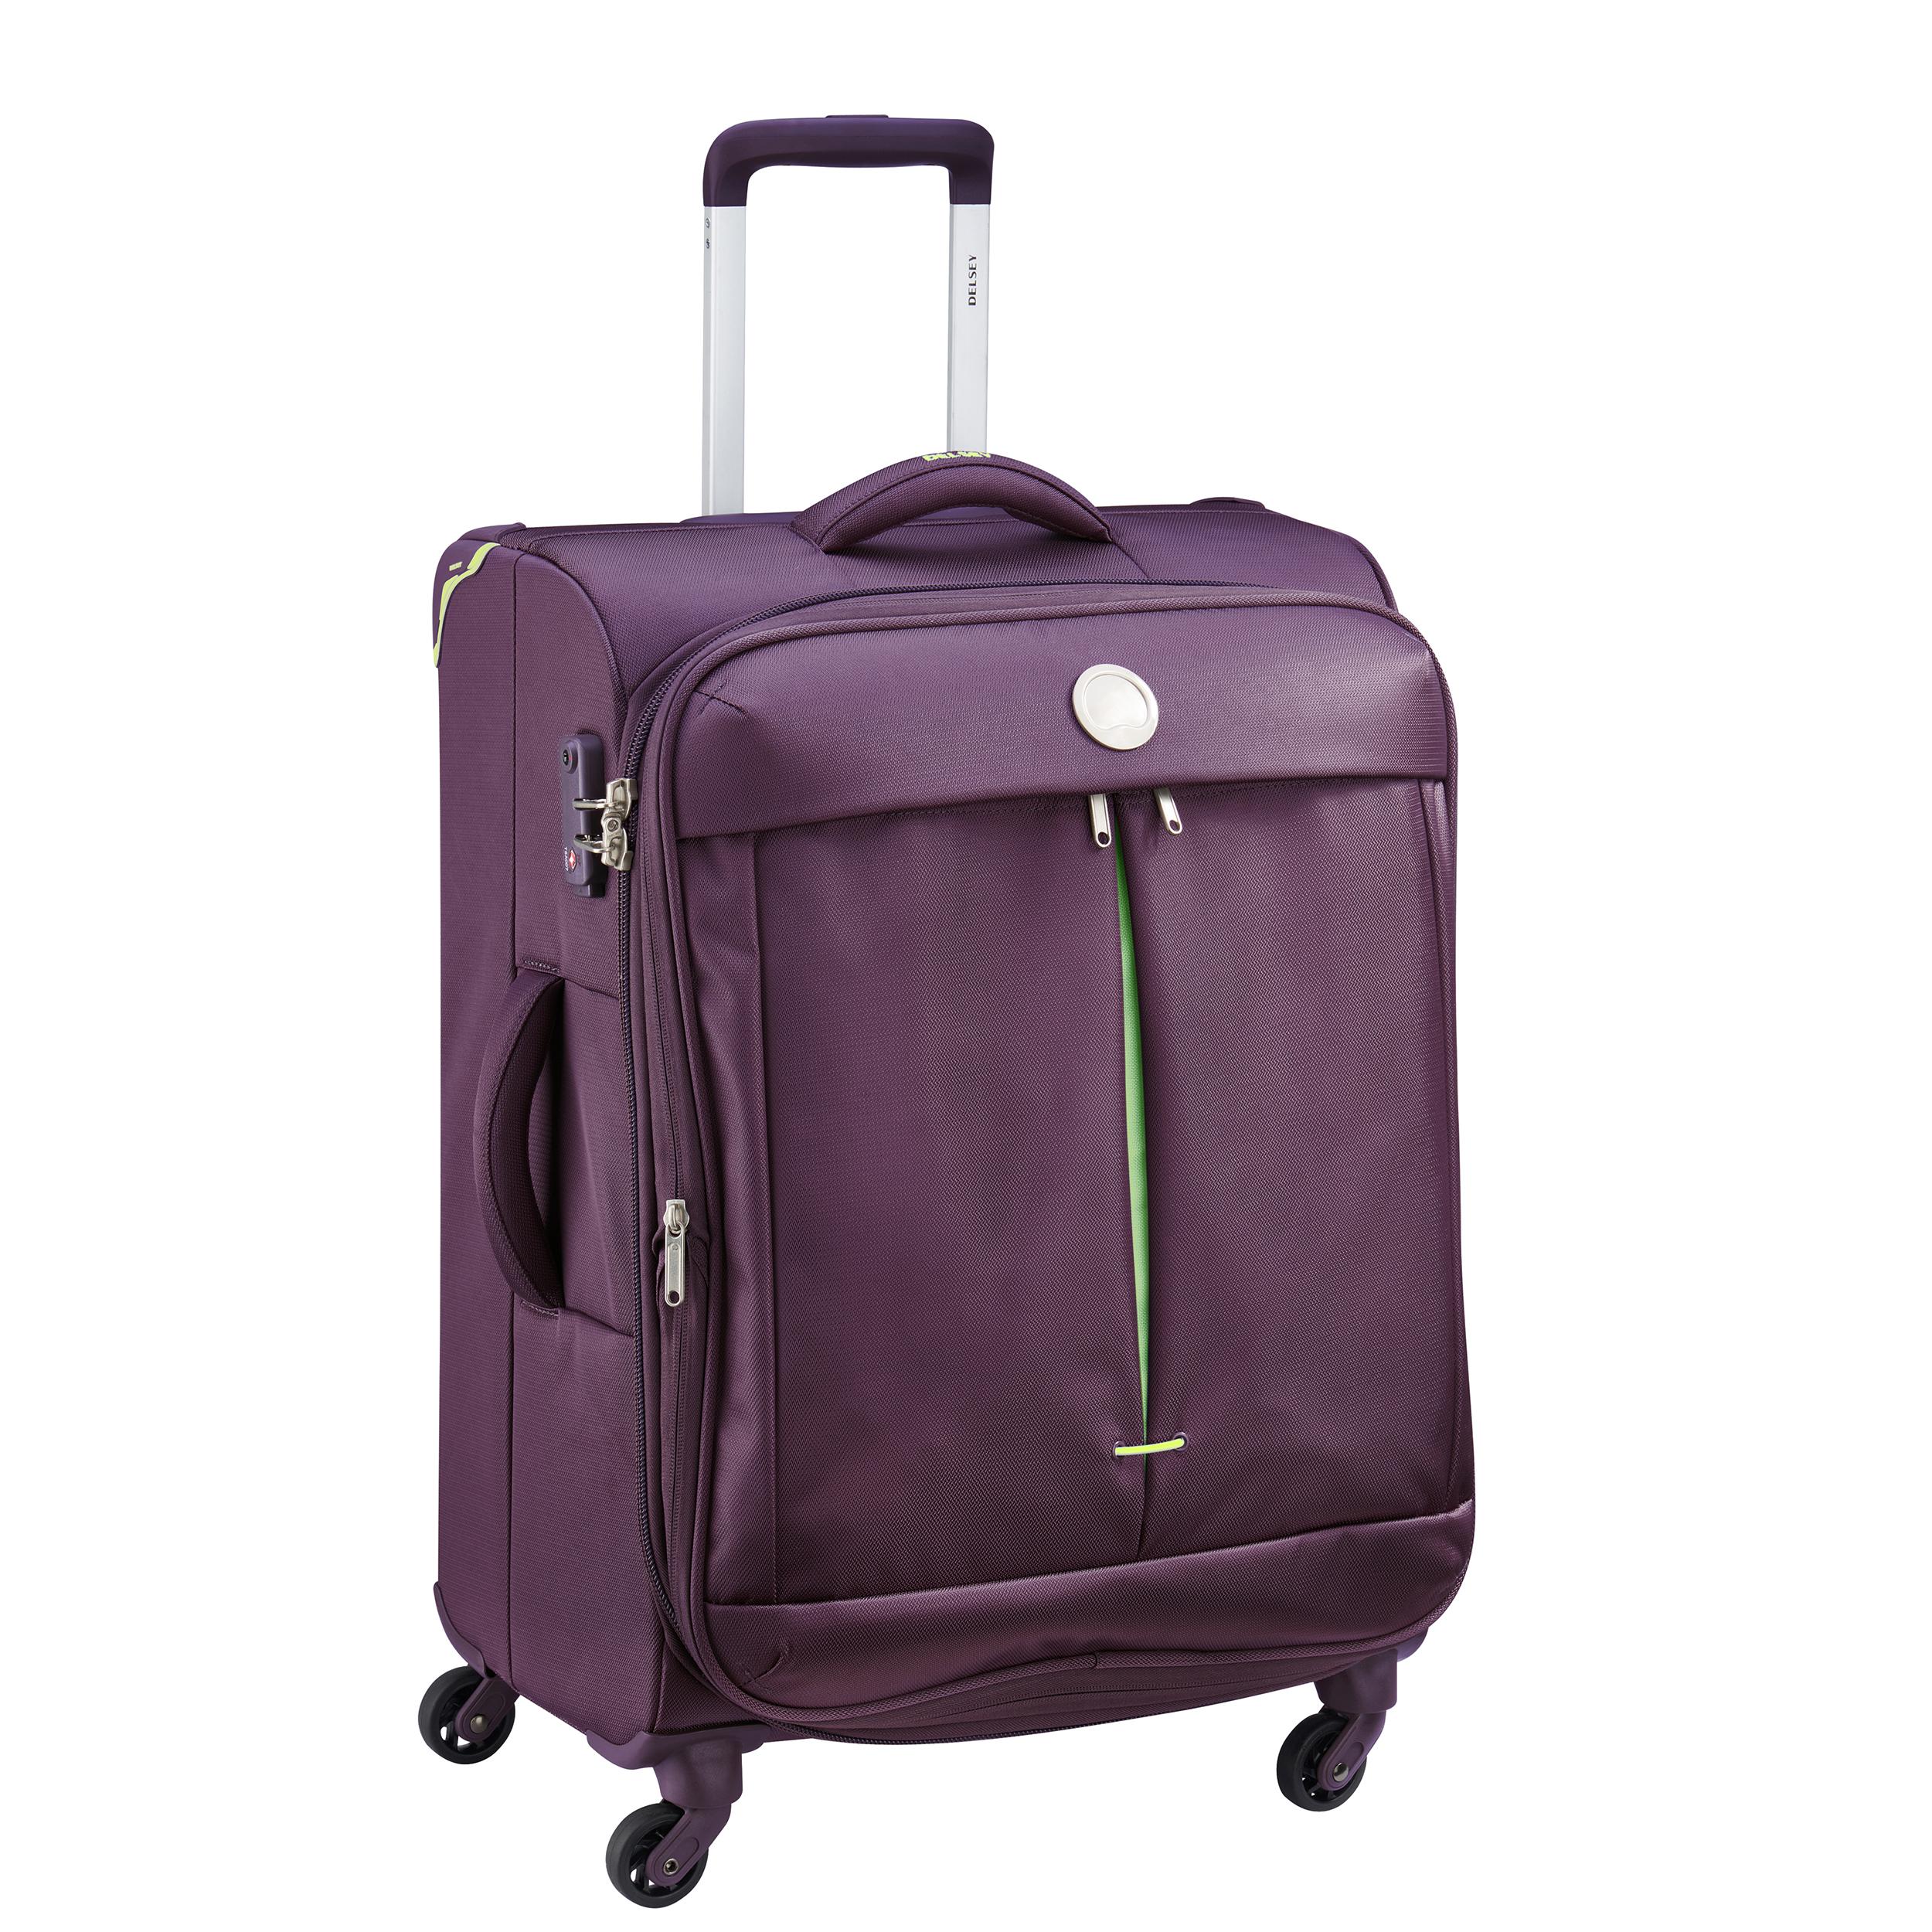 چمدان دلسی مدل FLIGHT LITE کد 233810 سایز متوسط